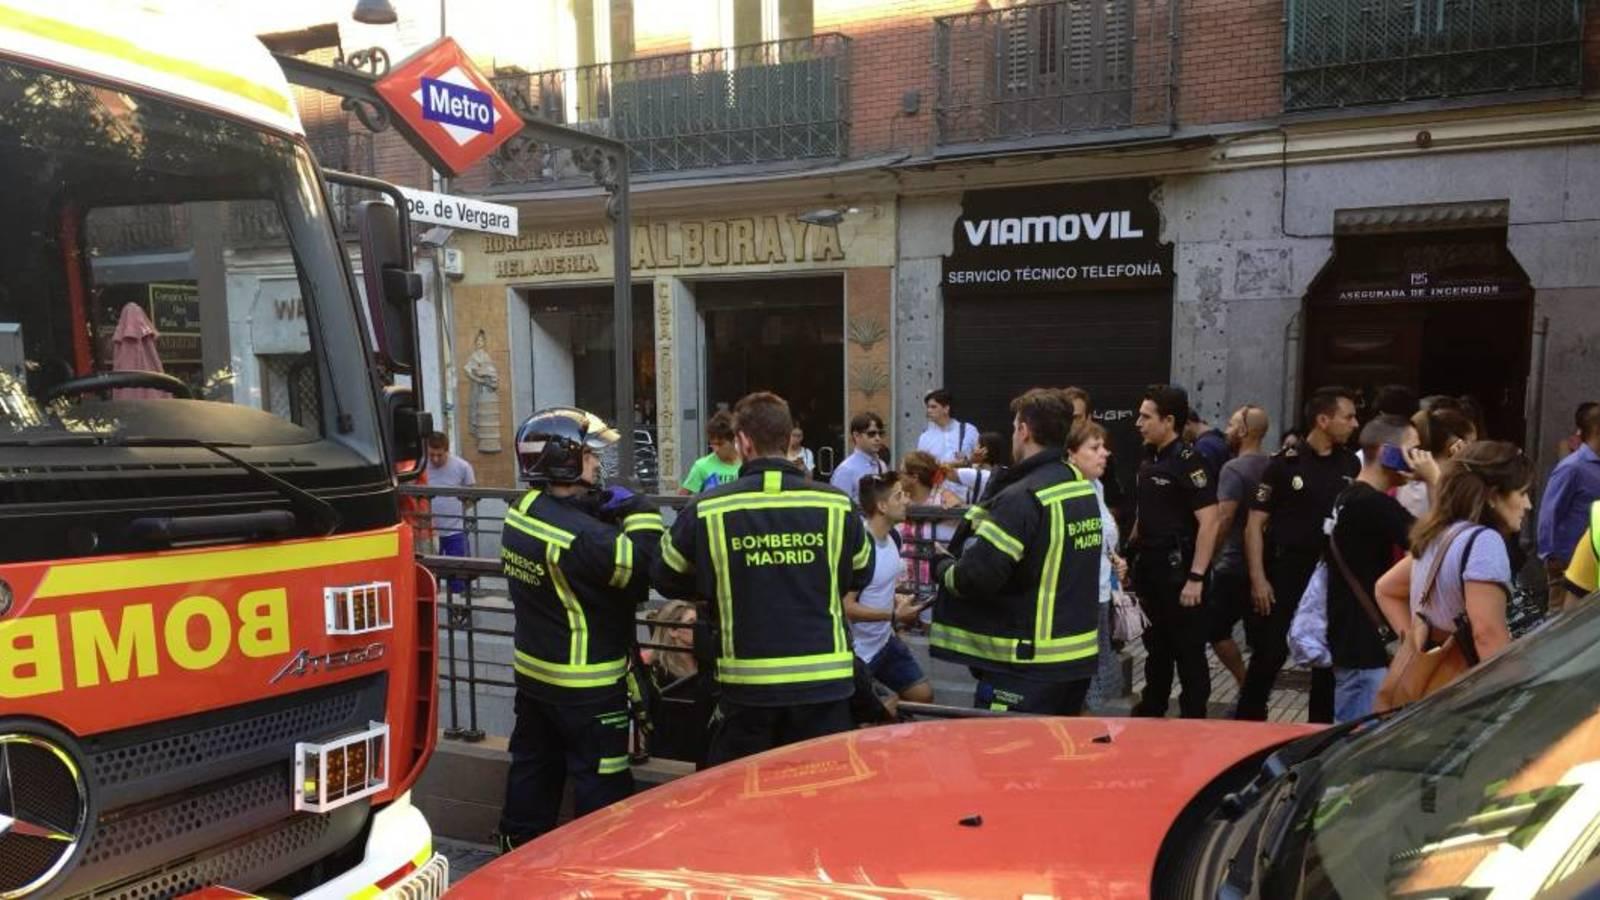 Взрыв ноутбука вызвал панику в мадридском метро